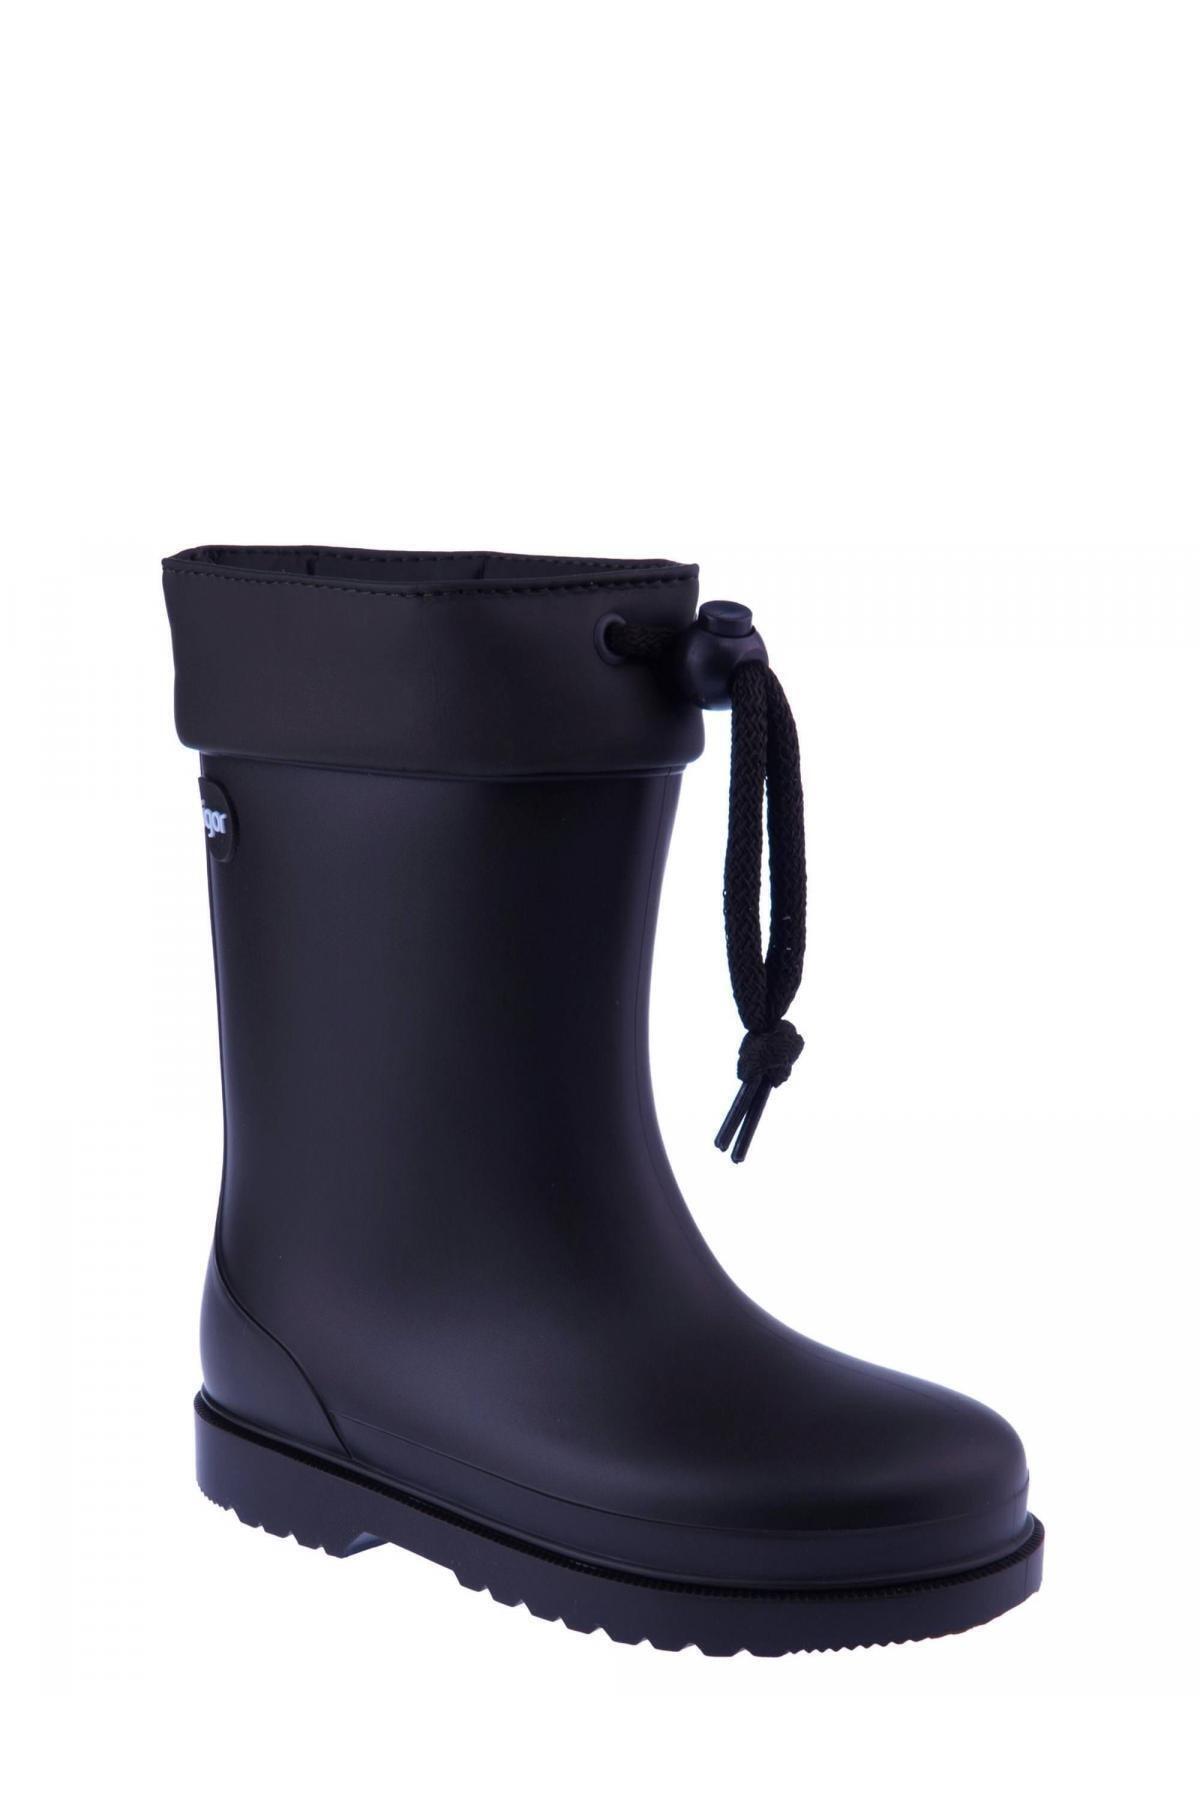 IGOR CHUFO CUELLO Lacivert Unisex Çocuk Yağmur Çizmesi 100386300 1